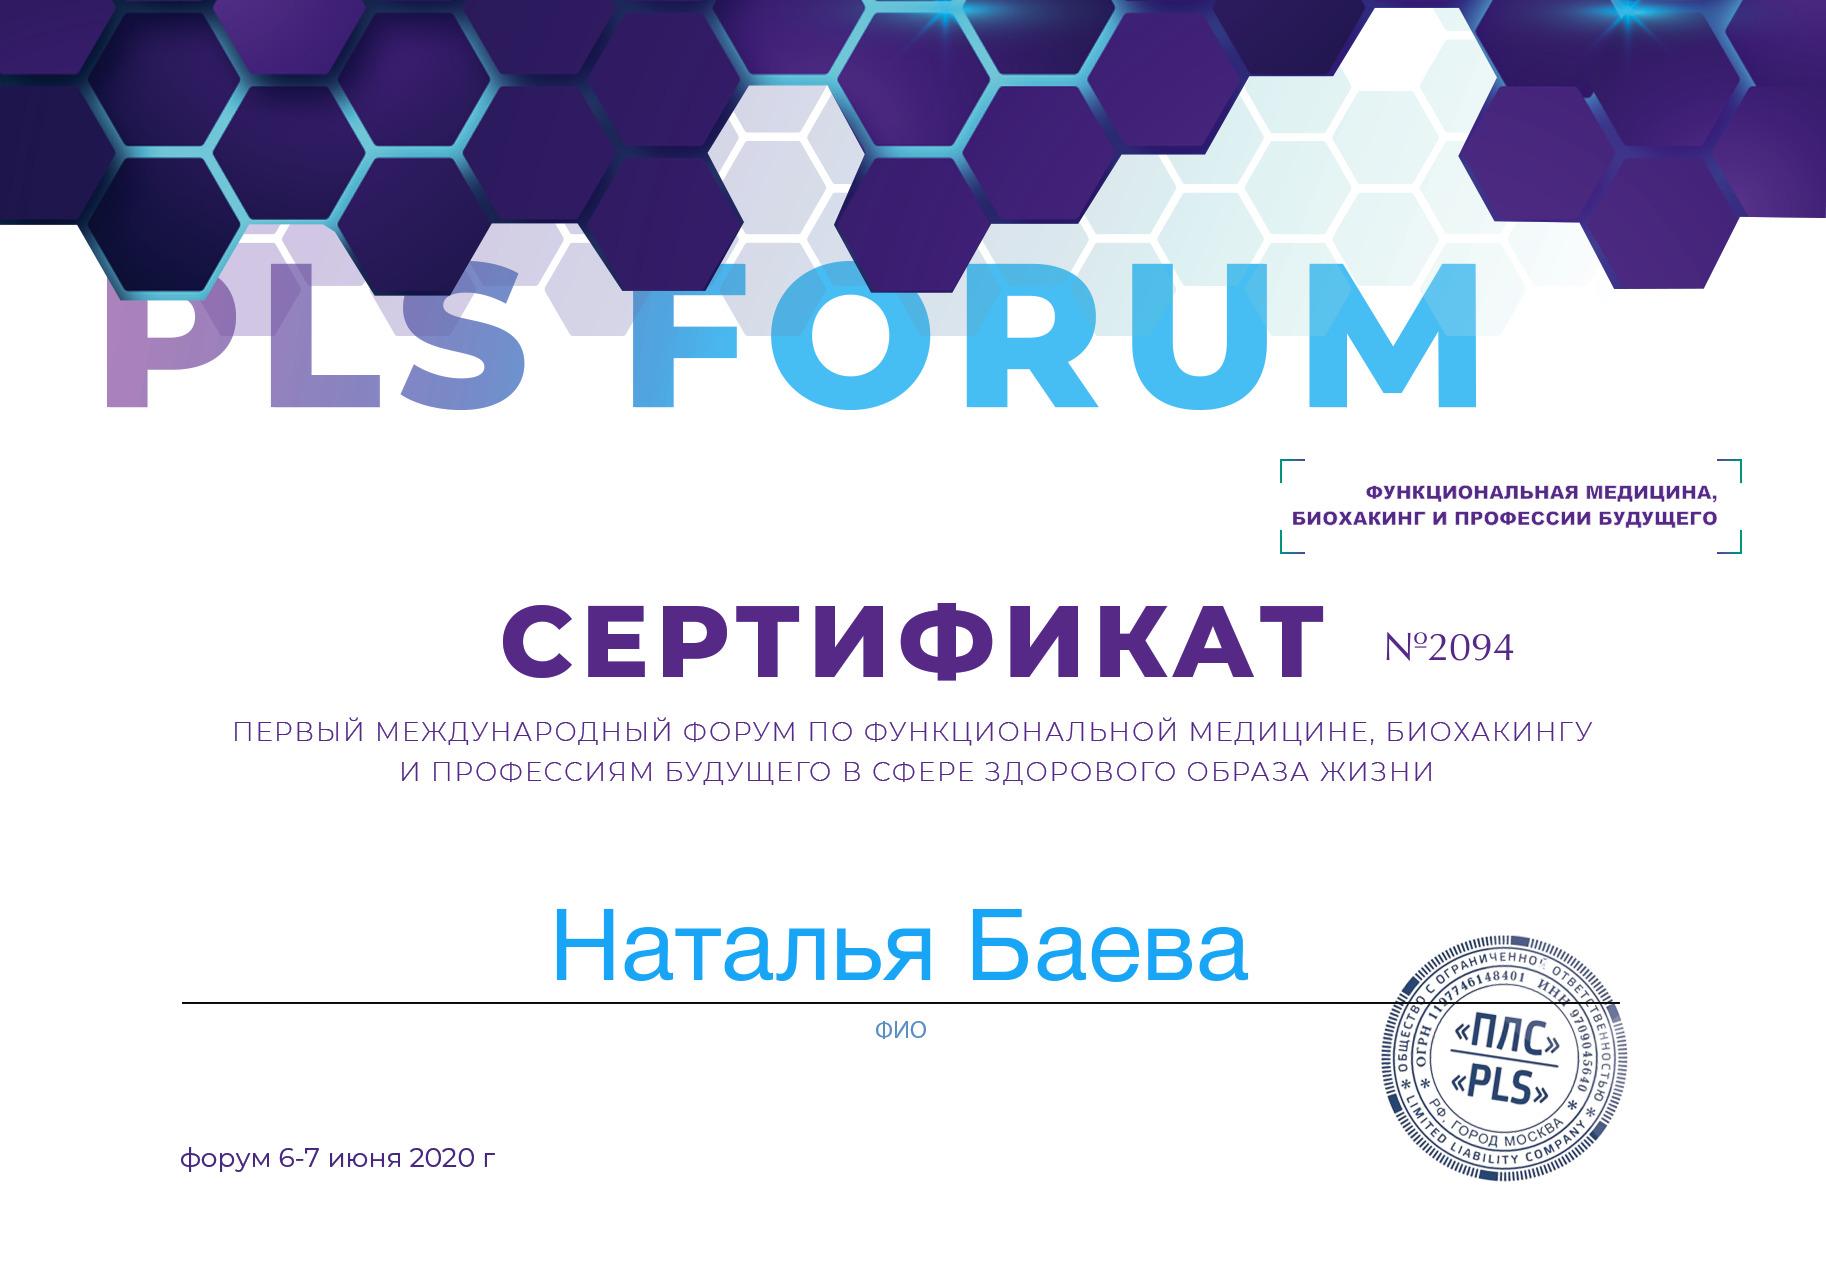 очищение организма форум